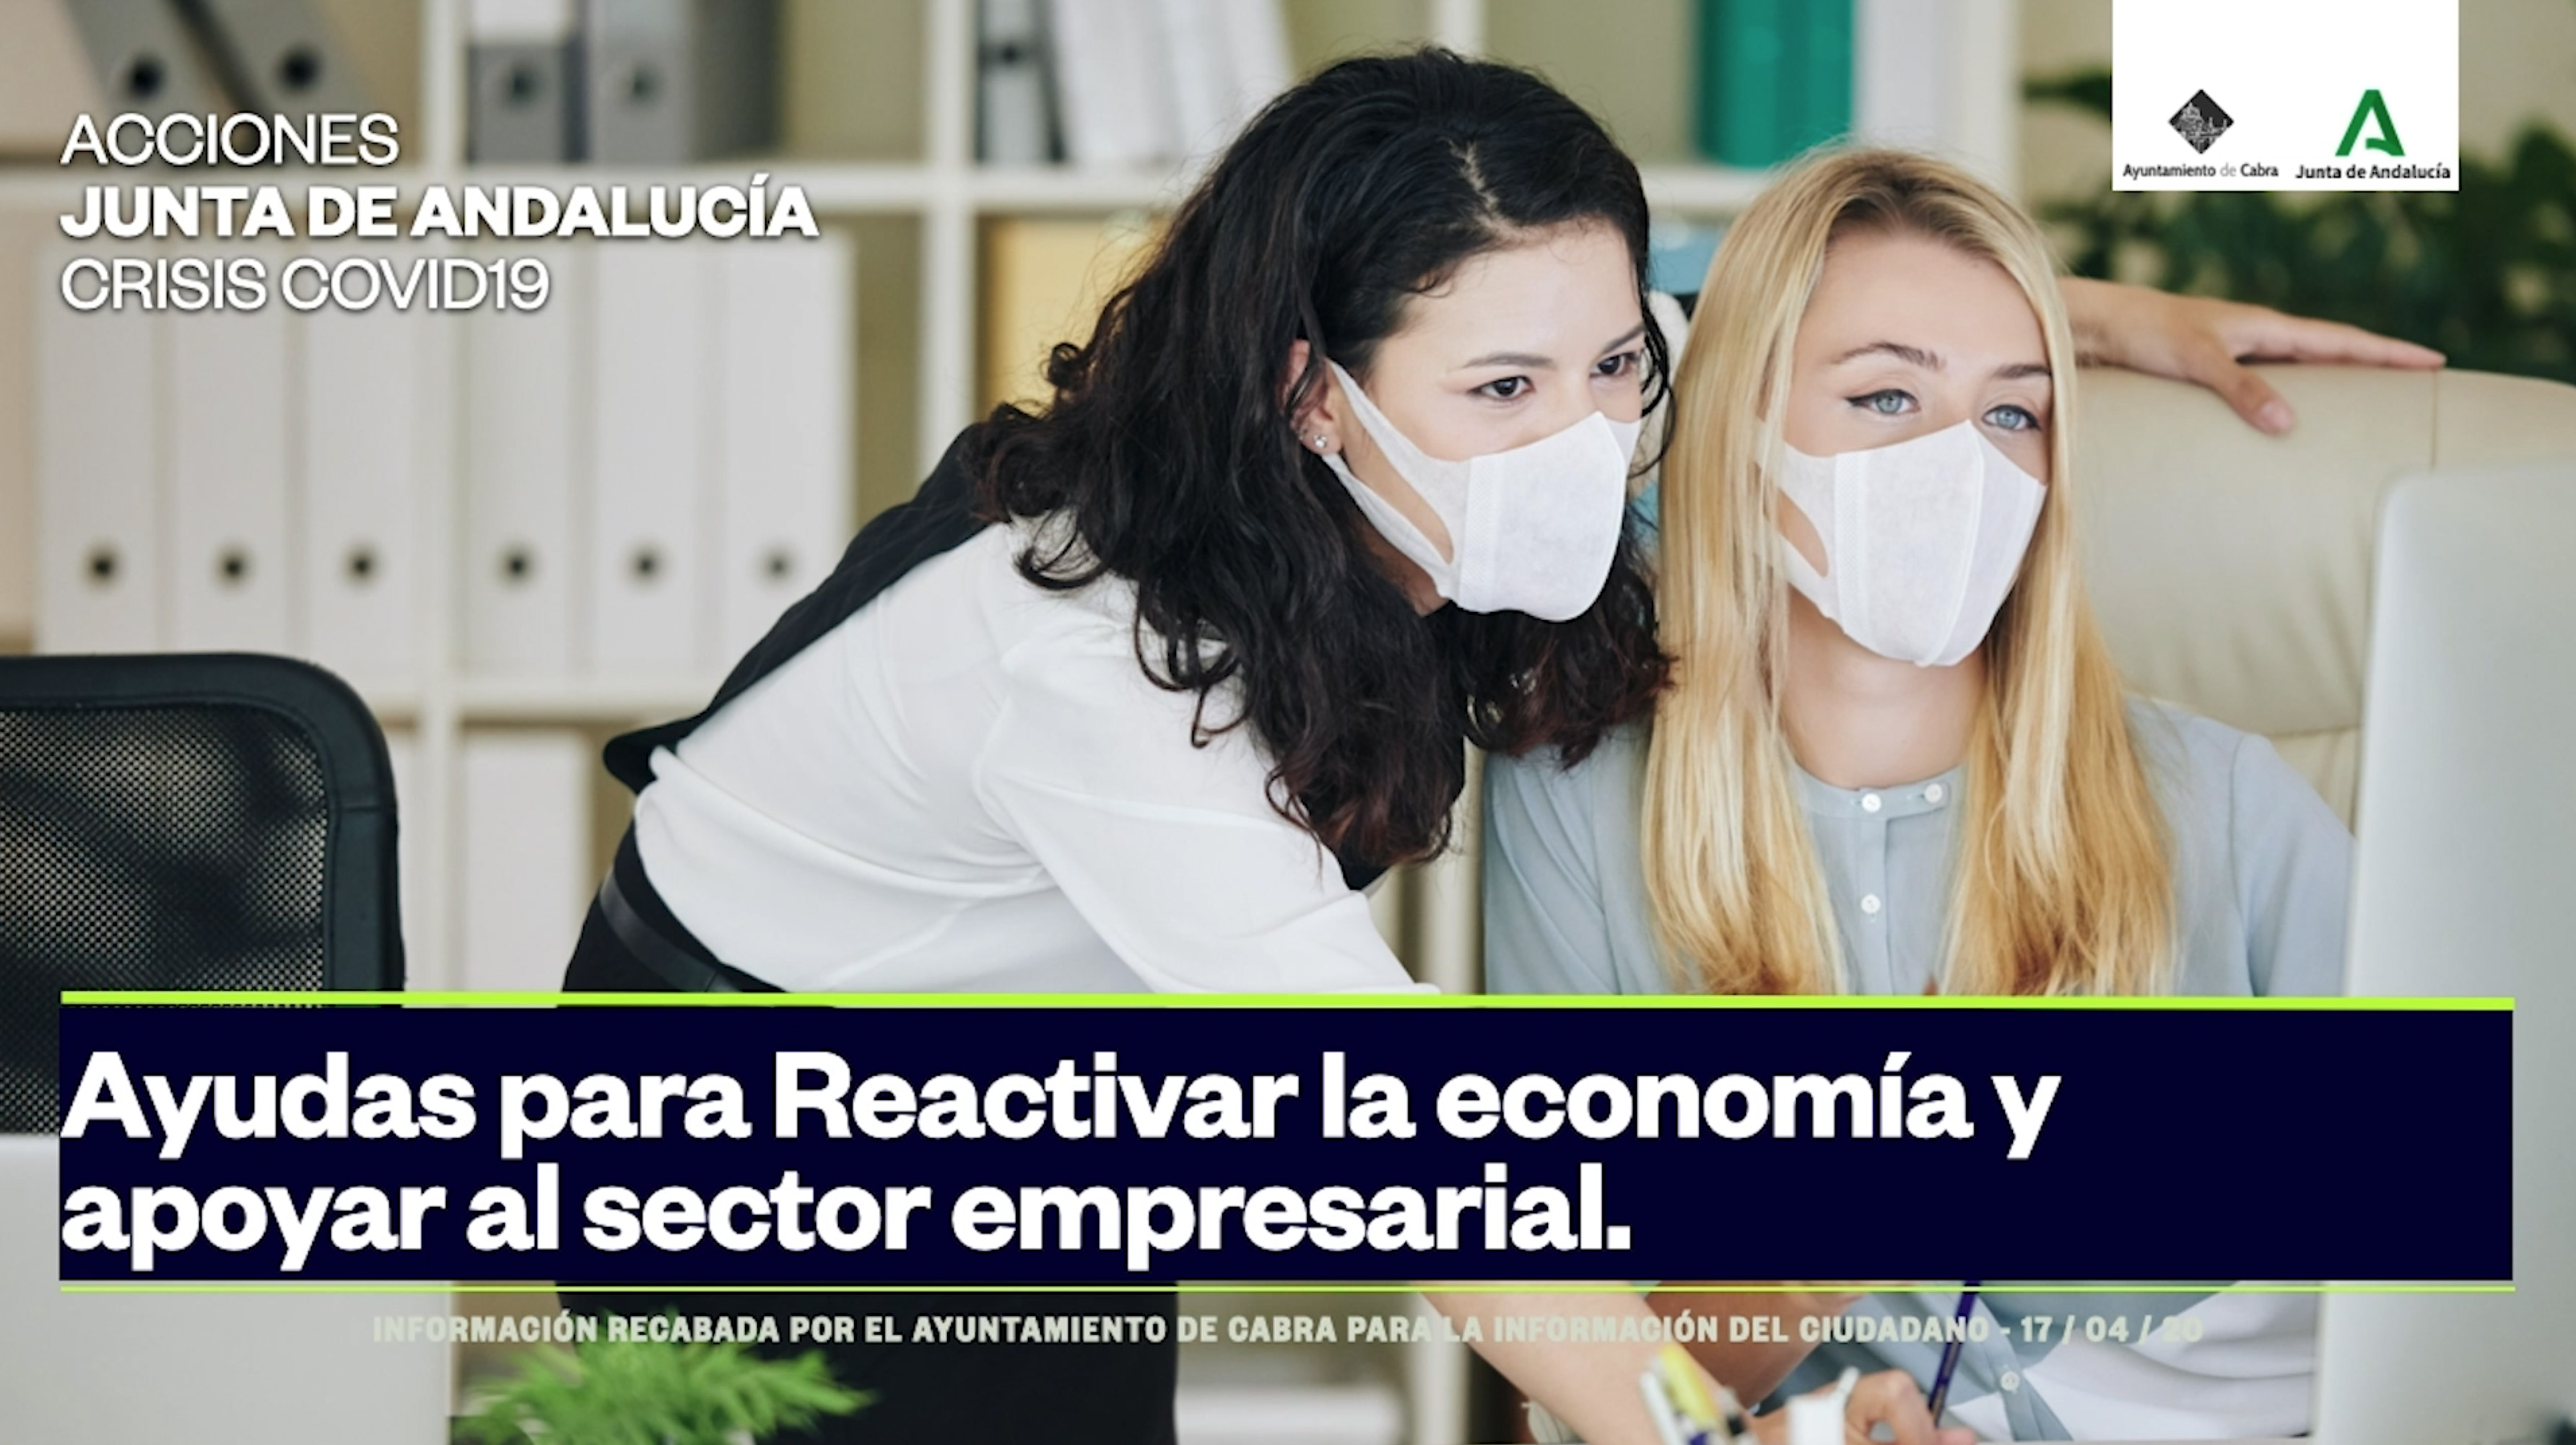 Resumen de medidas adoptadas por la Junta de Andalucía para reactivar la economía y apoyar al sector empresarial.